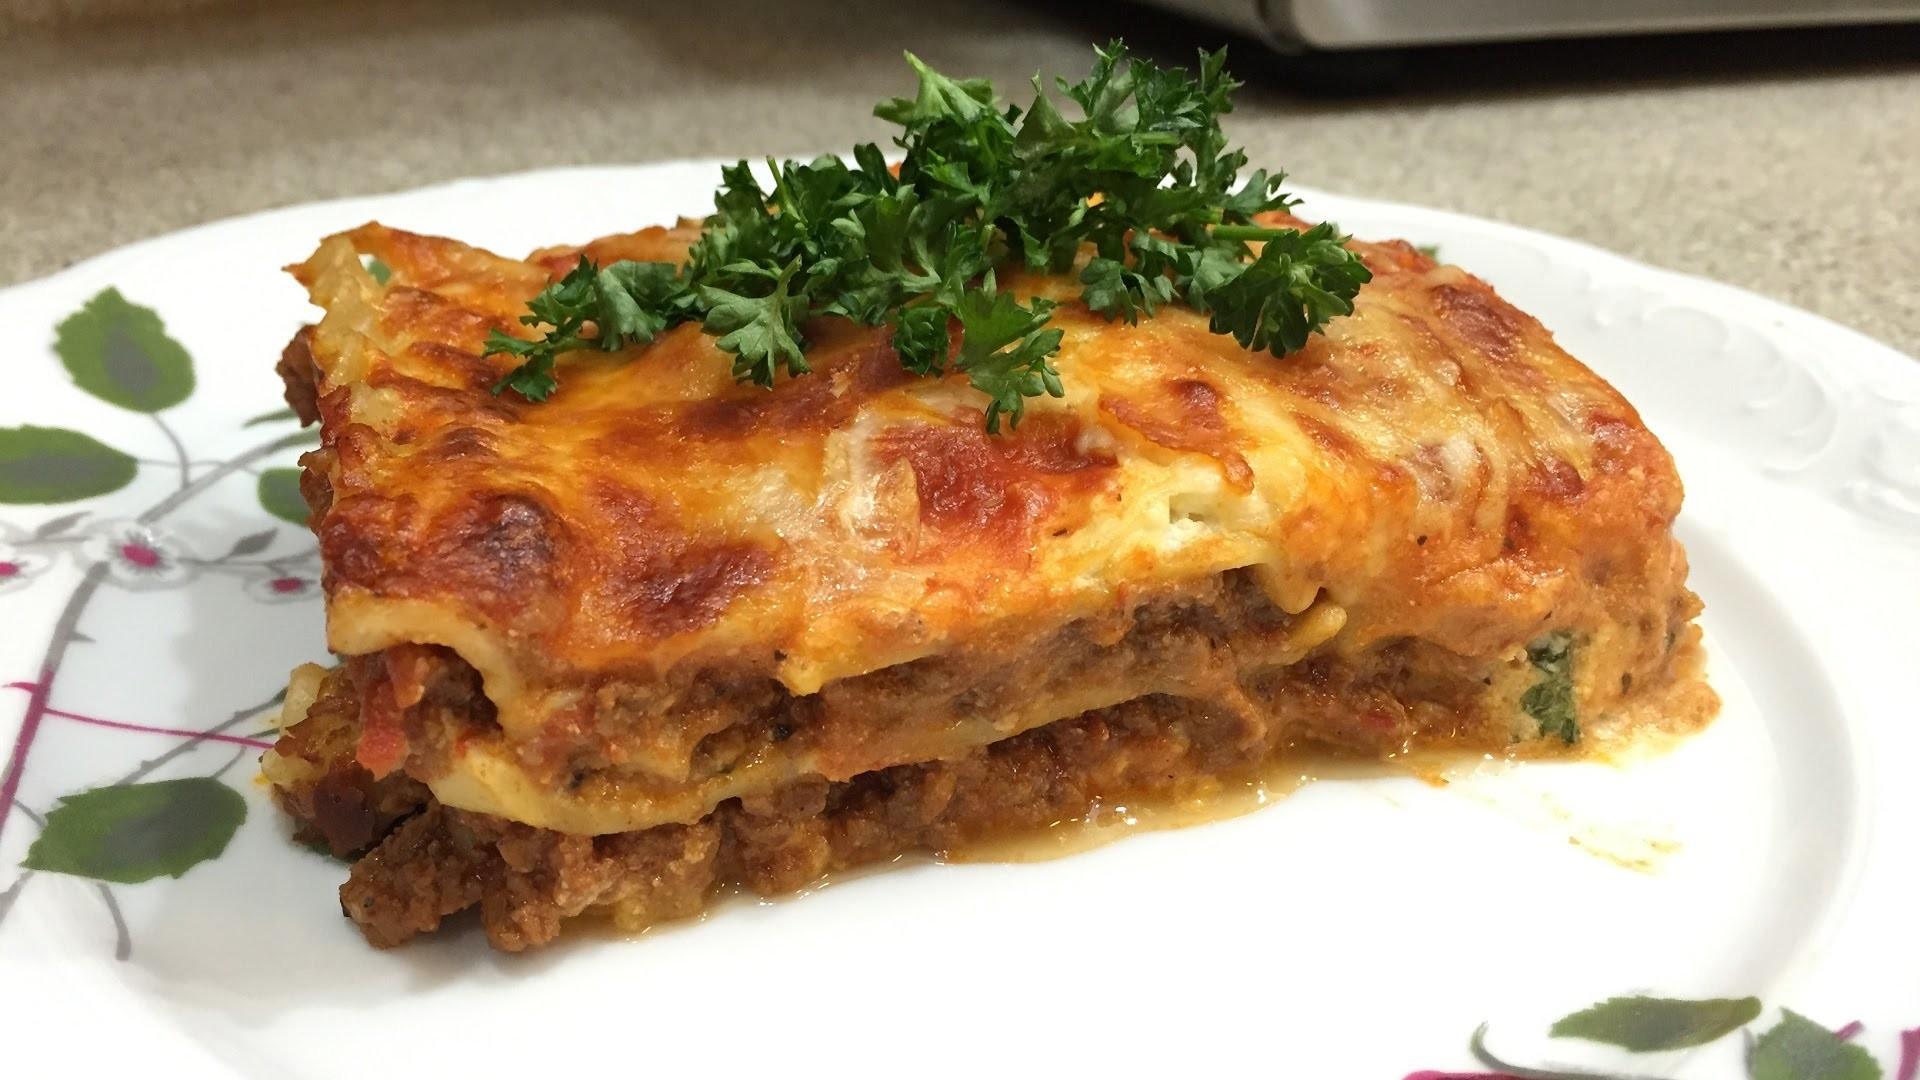 Como hacer Lasagna. How to make Lasagna